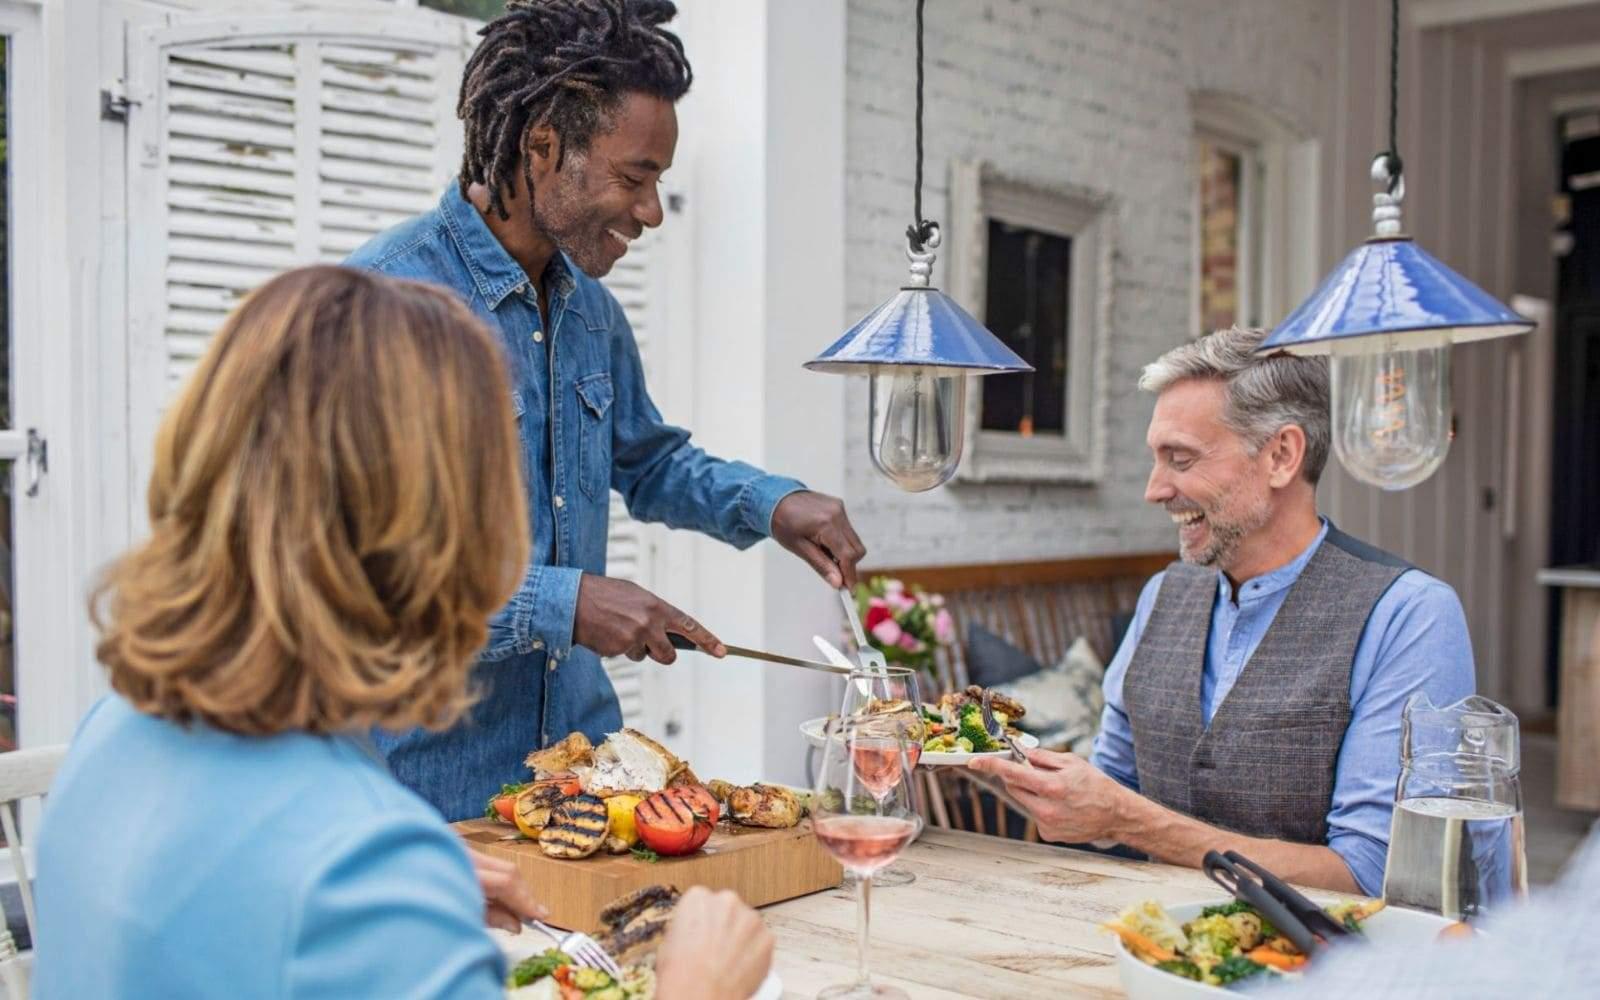 Homme avec dreadlocks servant a manger a des amis